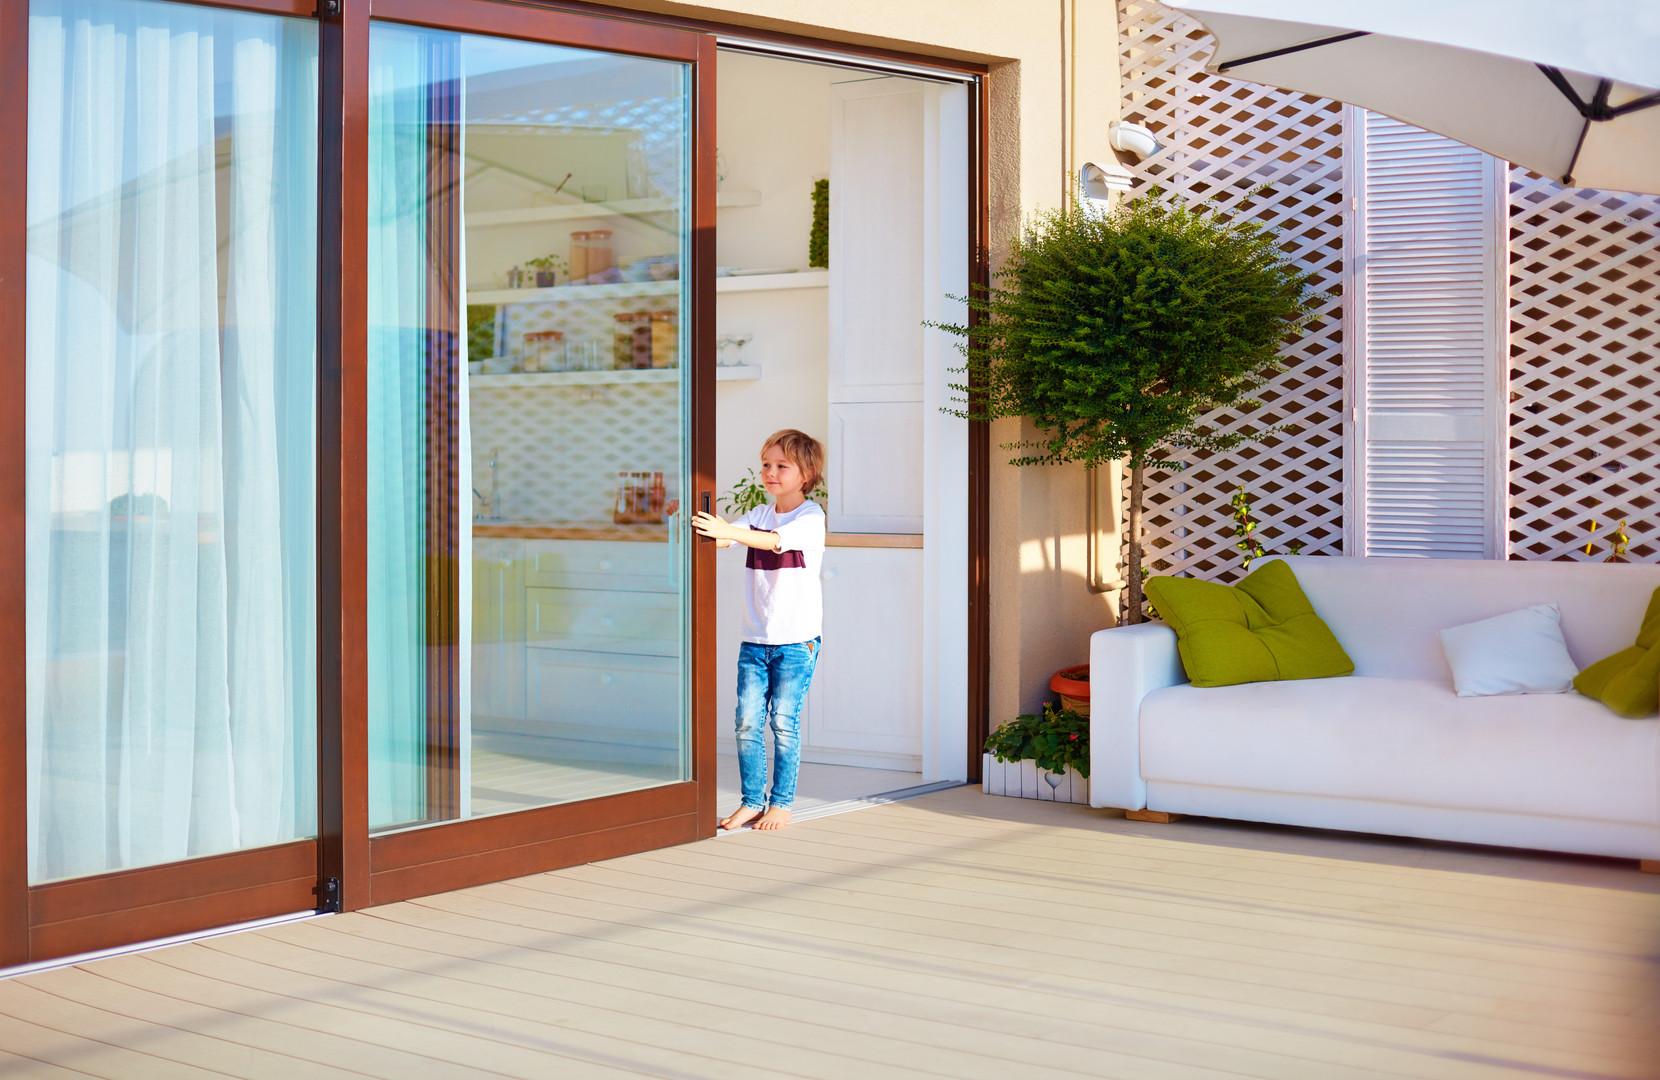 Slidding Patio Doors